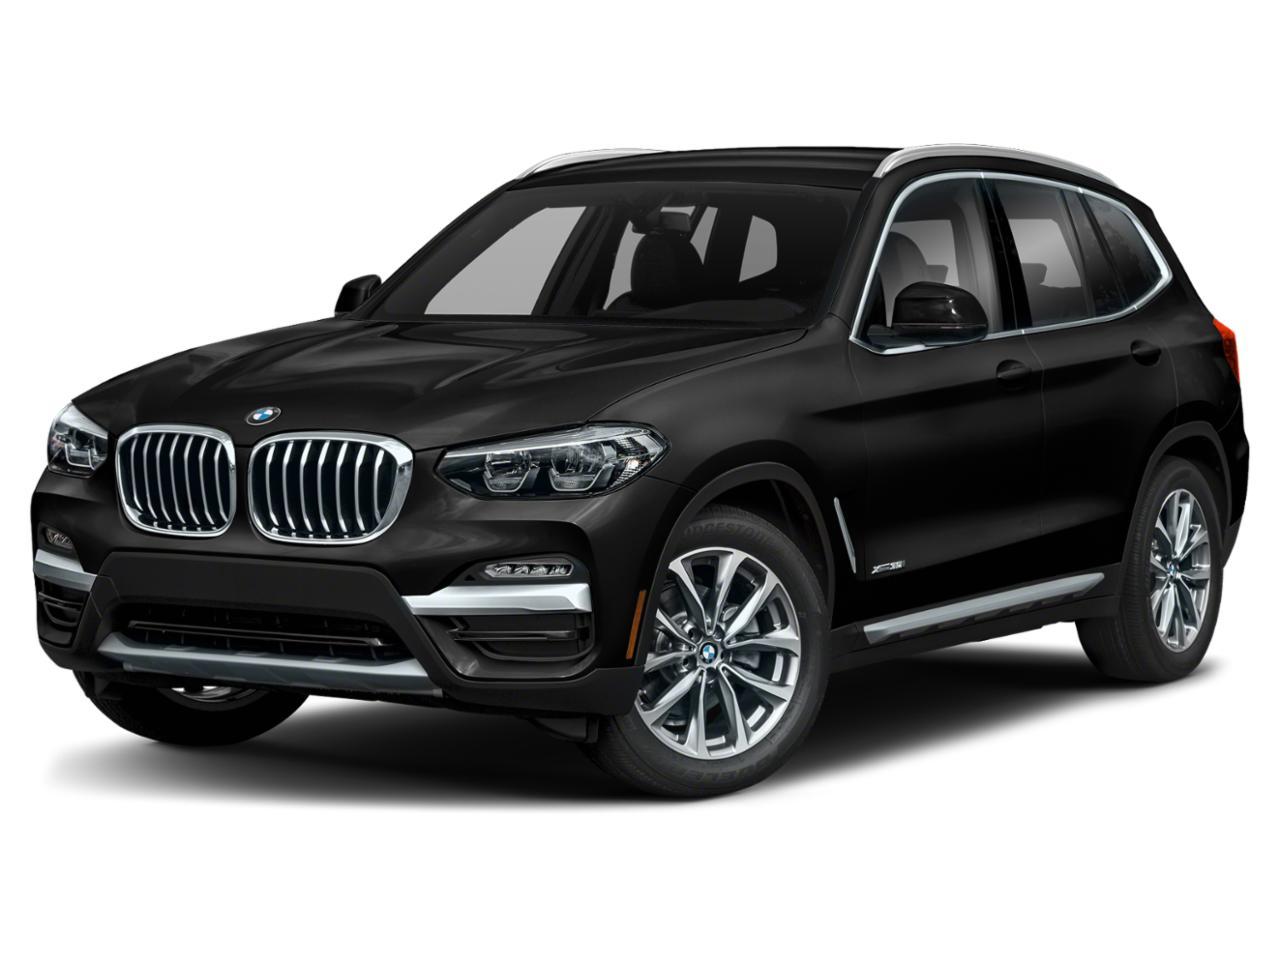 2021 BMW X3 xDrive30i Vehicle Photo in Pleasanton, CA 94588